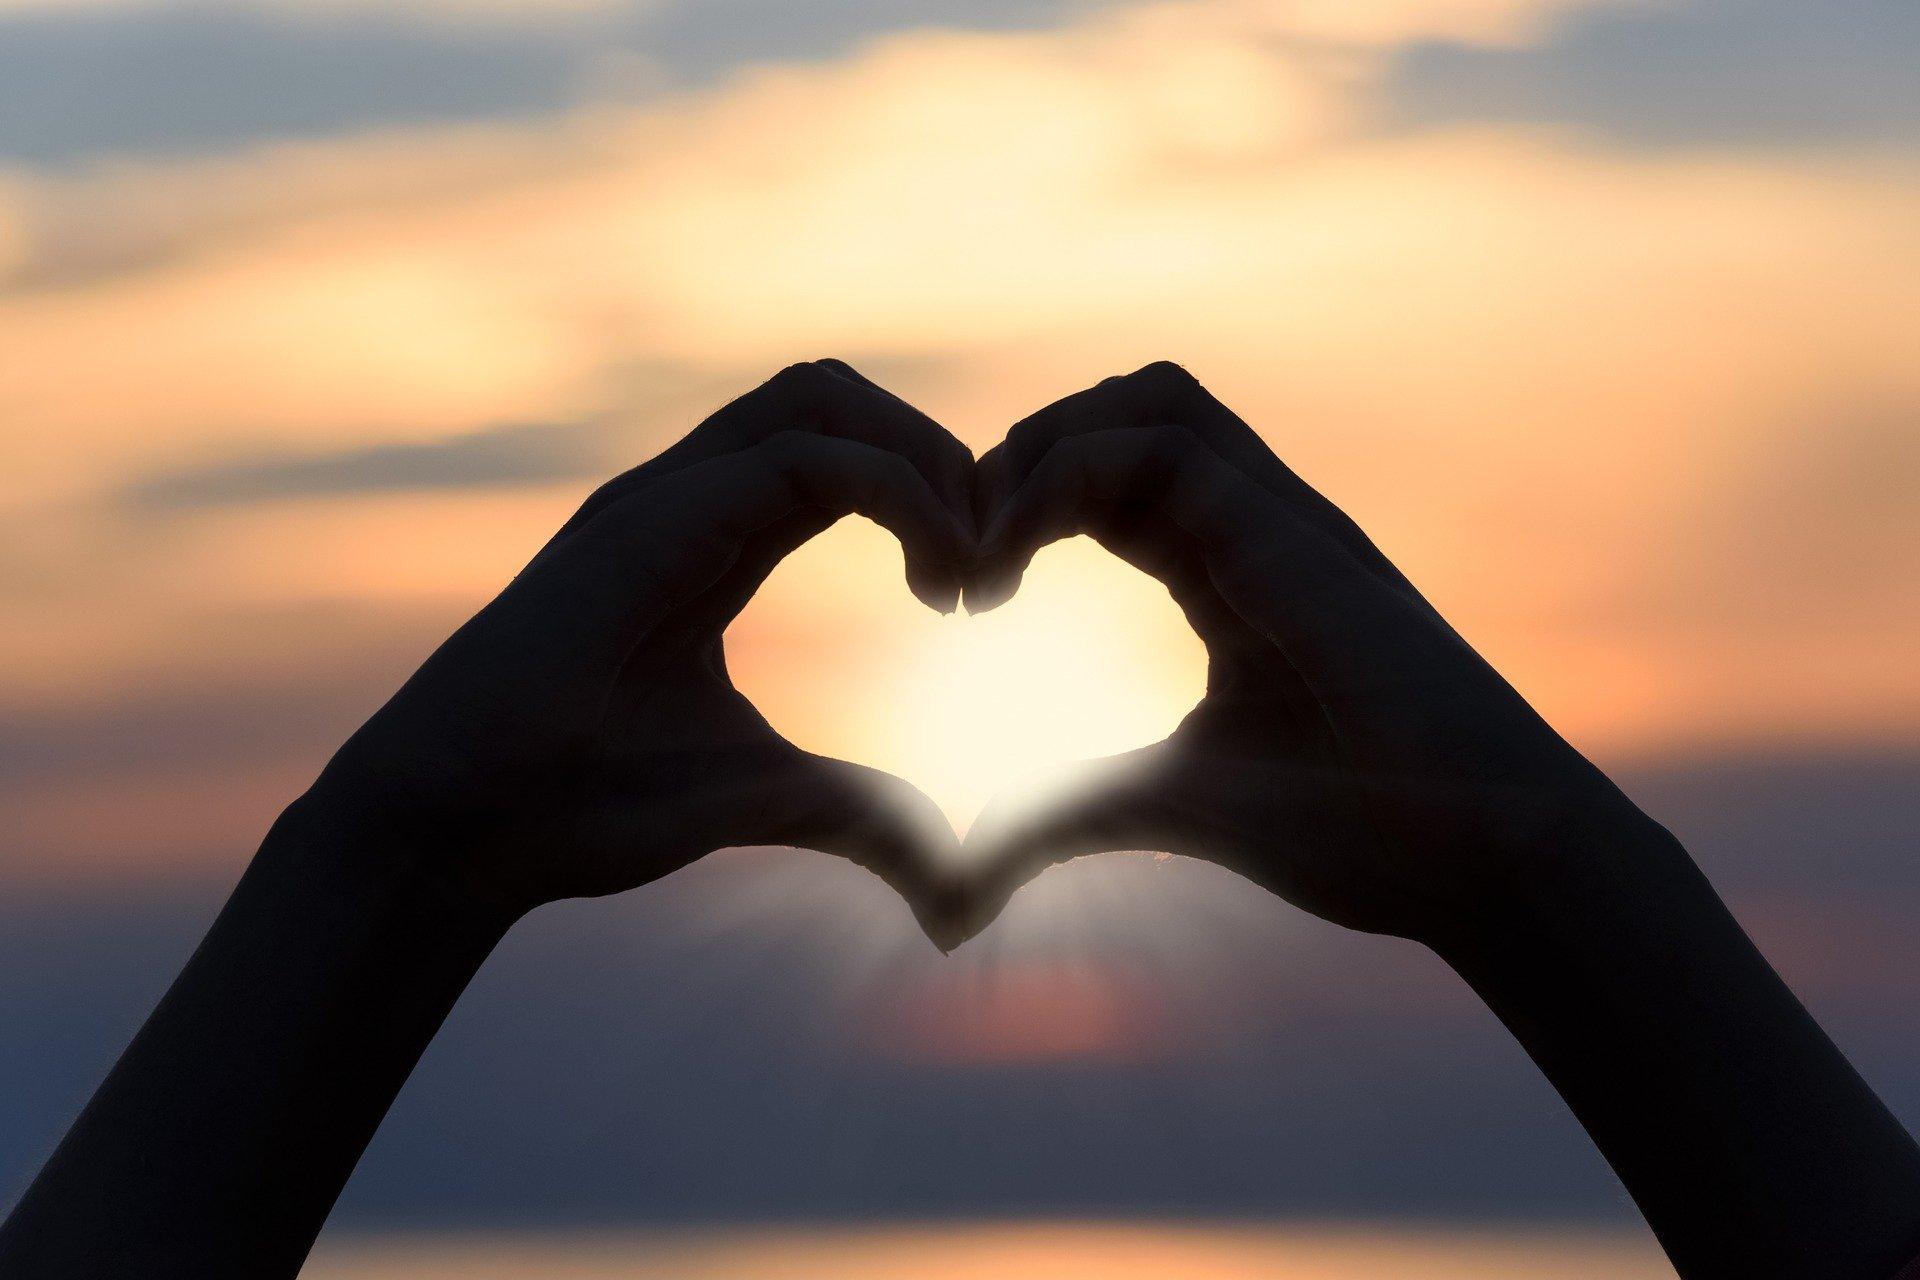 Öffne Dein Herz! 3 Übungen für Selbstliebe und Mitgefühl